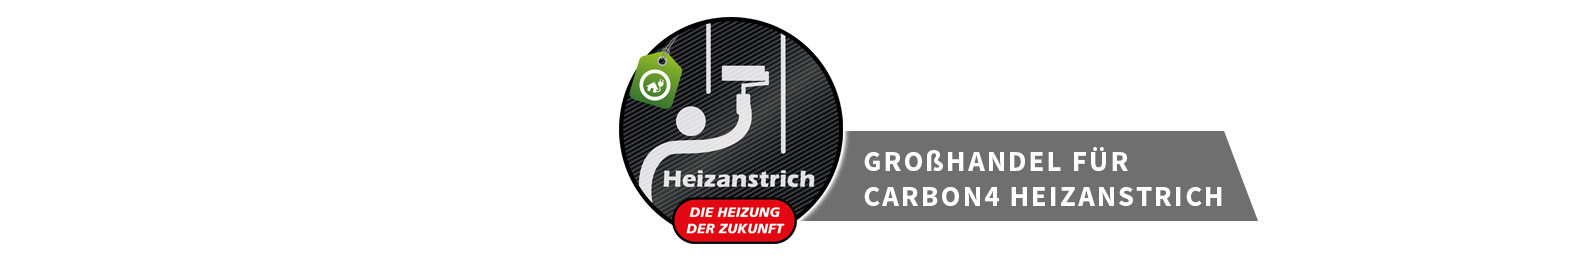 heizanstrich großhandel logo